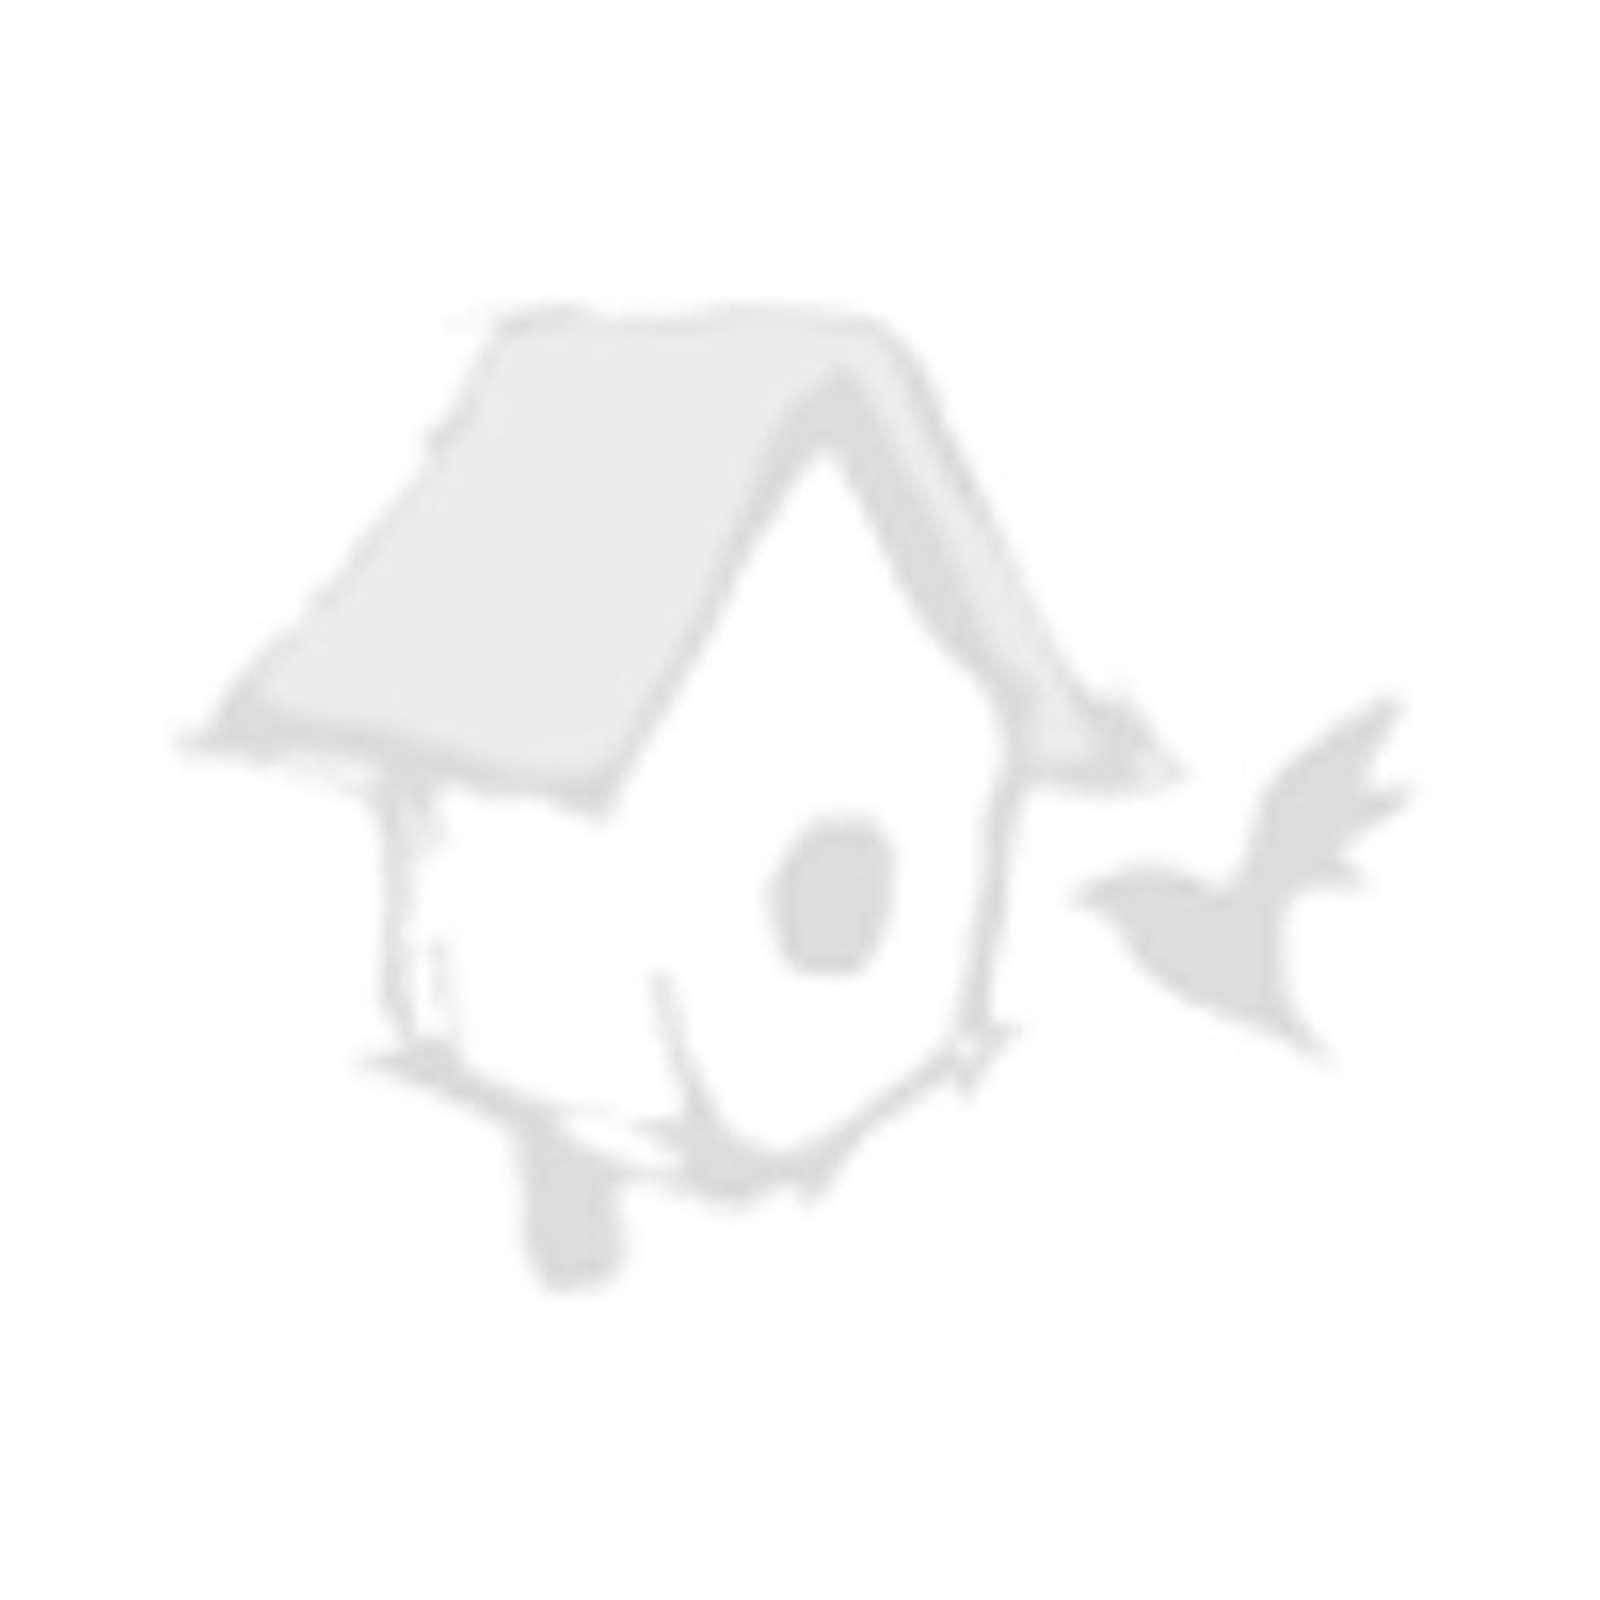 Комплект Коробка прямая телескопическая с врезкой БКП-Т Шпон Дуб Золотой, 800х2000мм, для двери-книжки TWICE, вариант С, 00-00710762